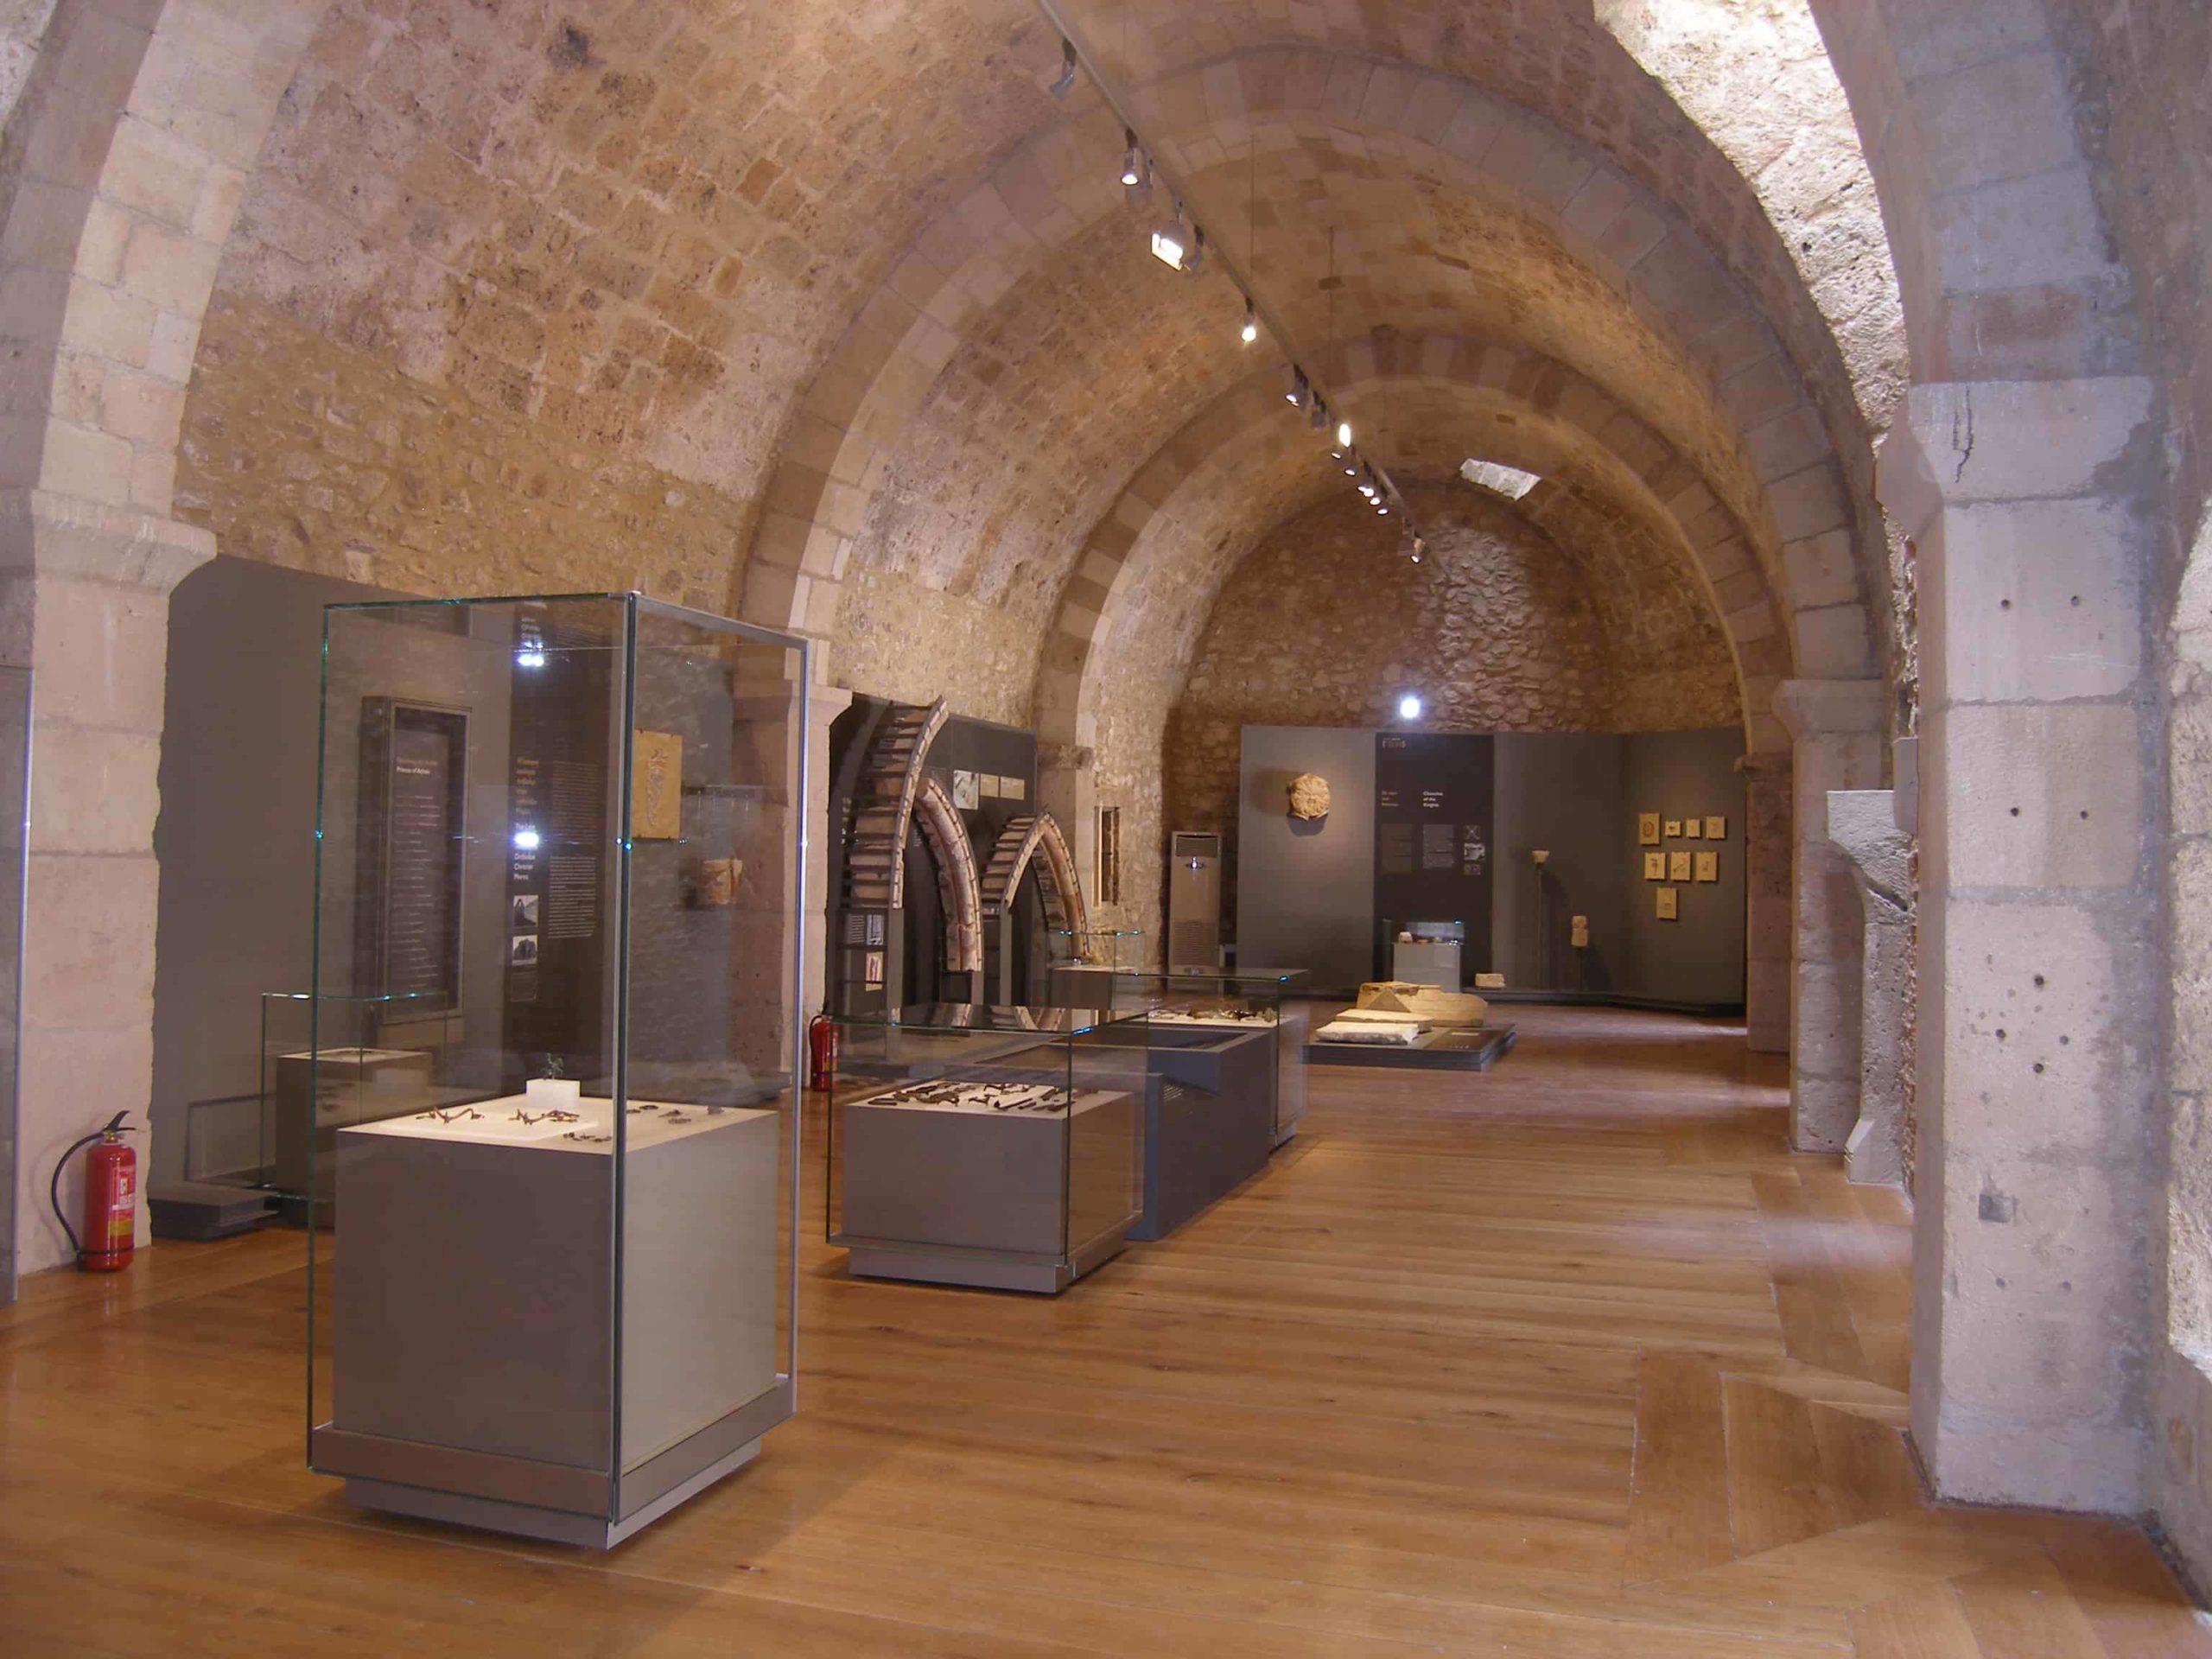 Μουσείο Κάστρου Χλεμούτσι